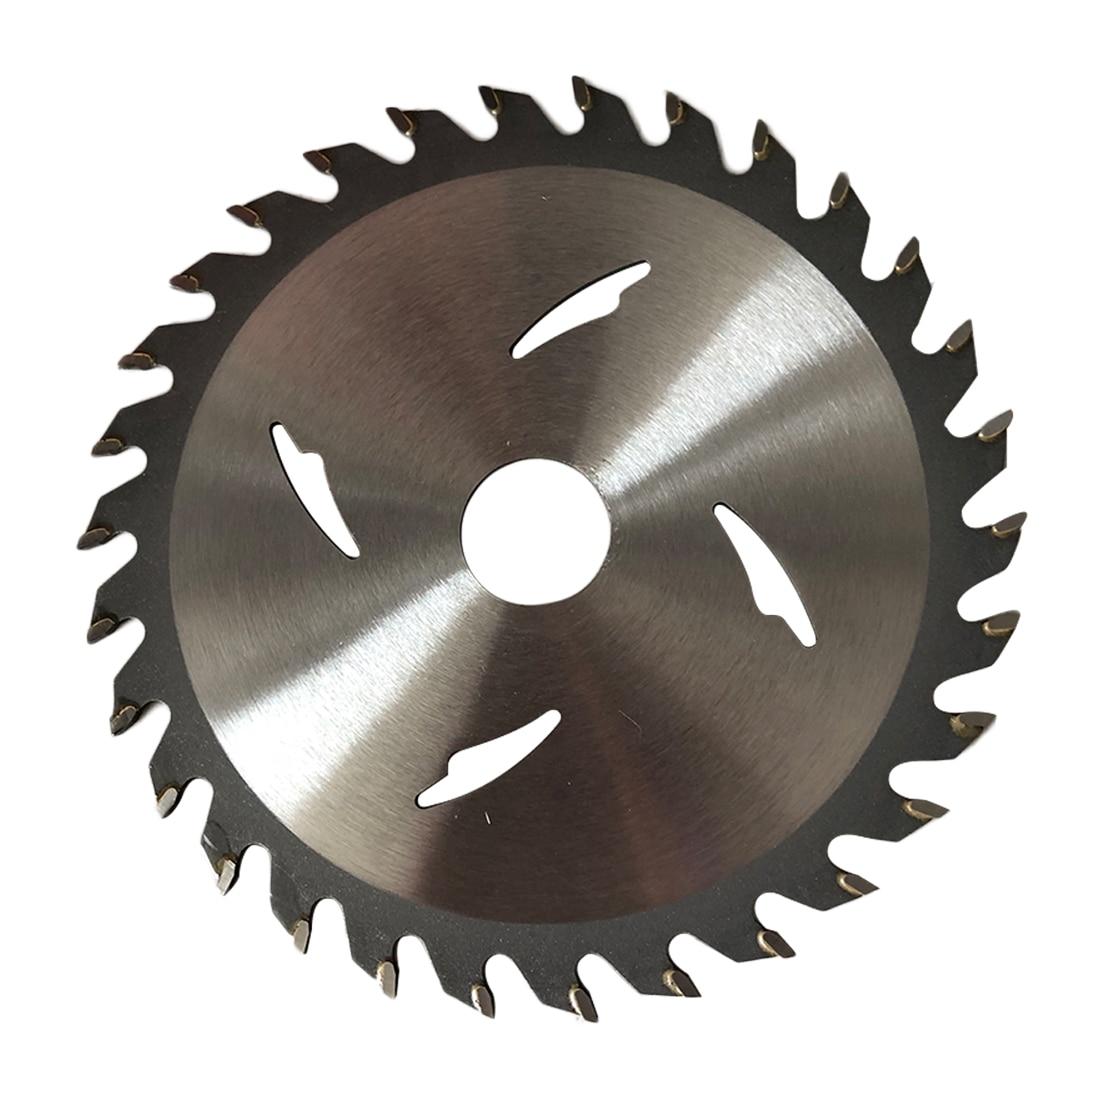 Disque de coupe en bois tranchant et résistant à chaud 1PC 125*20/20*30 T/40 T TCT lame de scie à pointe de carbure lame de scie scie circulaire